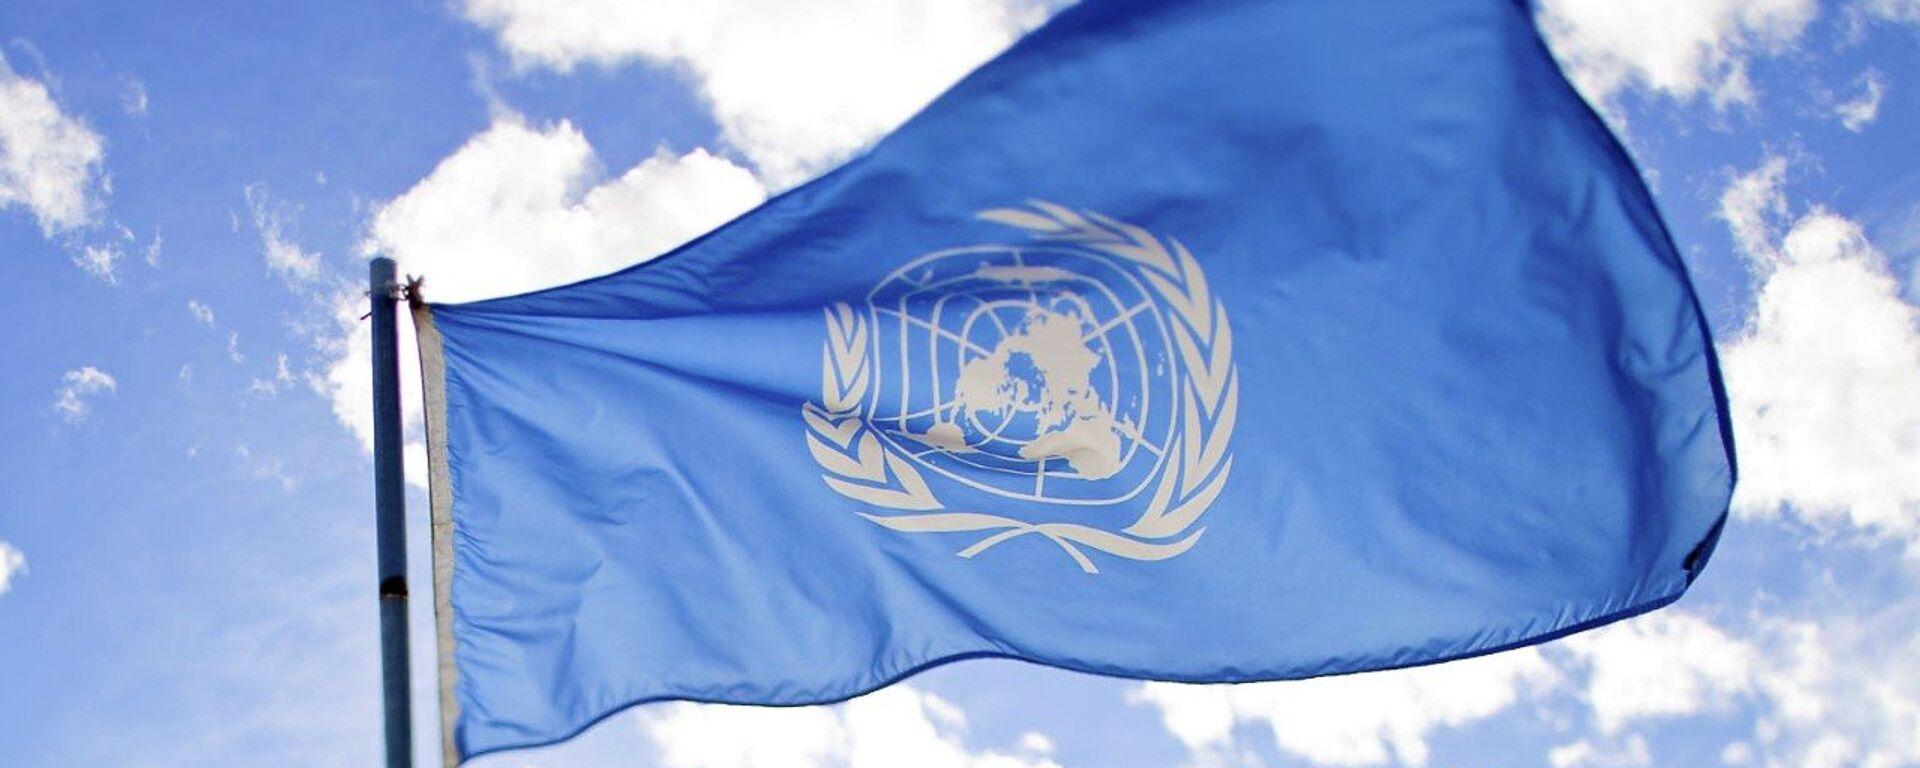 La bandera de la ONU - Sputnik Mundo, 1920, 17.06.2021